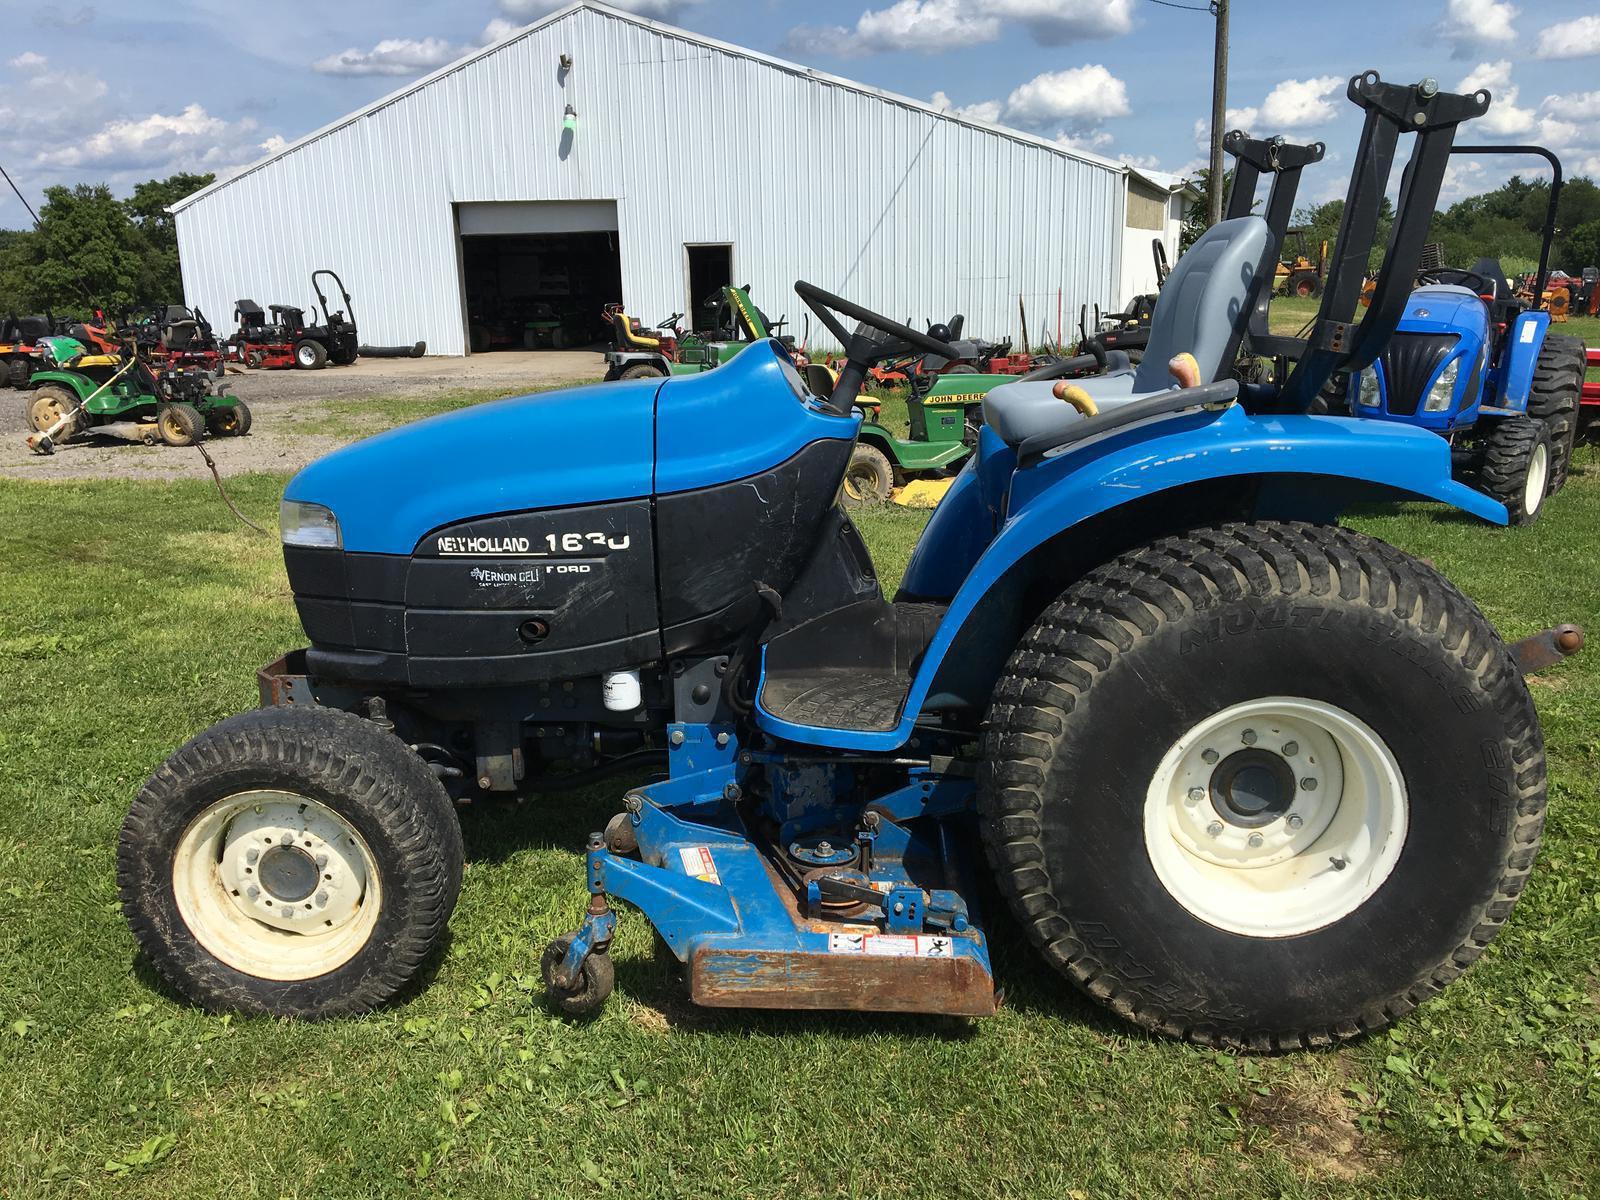 Inventory Vernon Dell Tractor